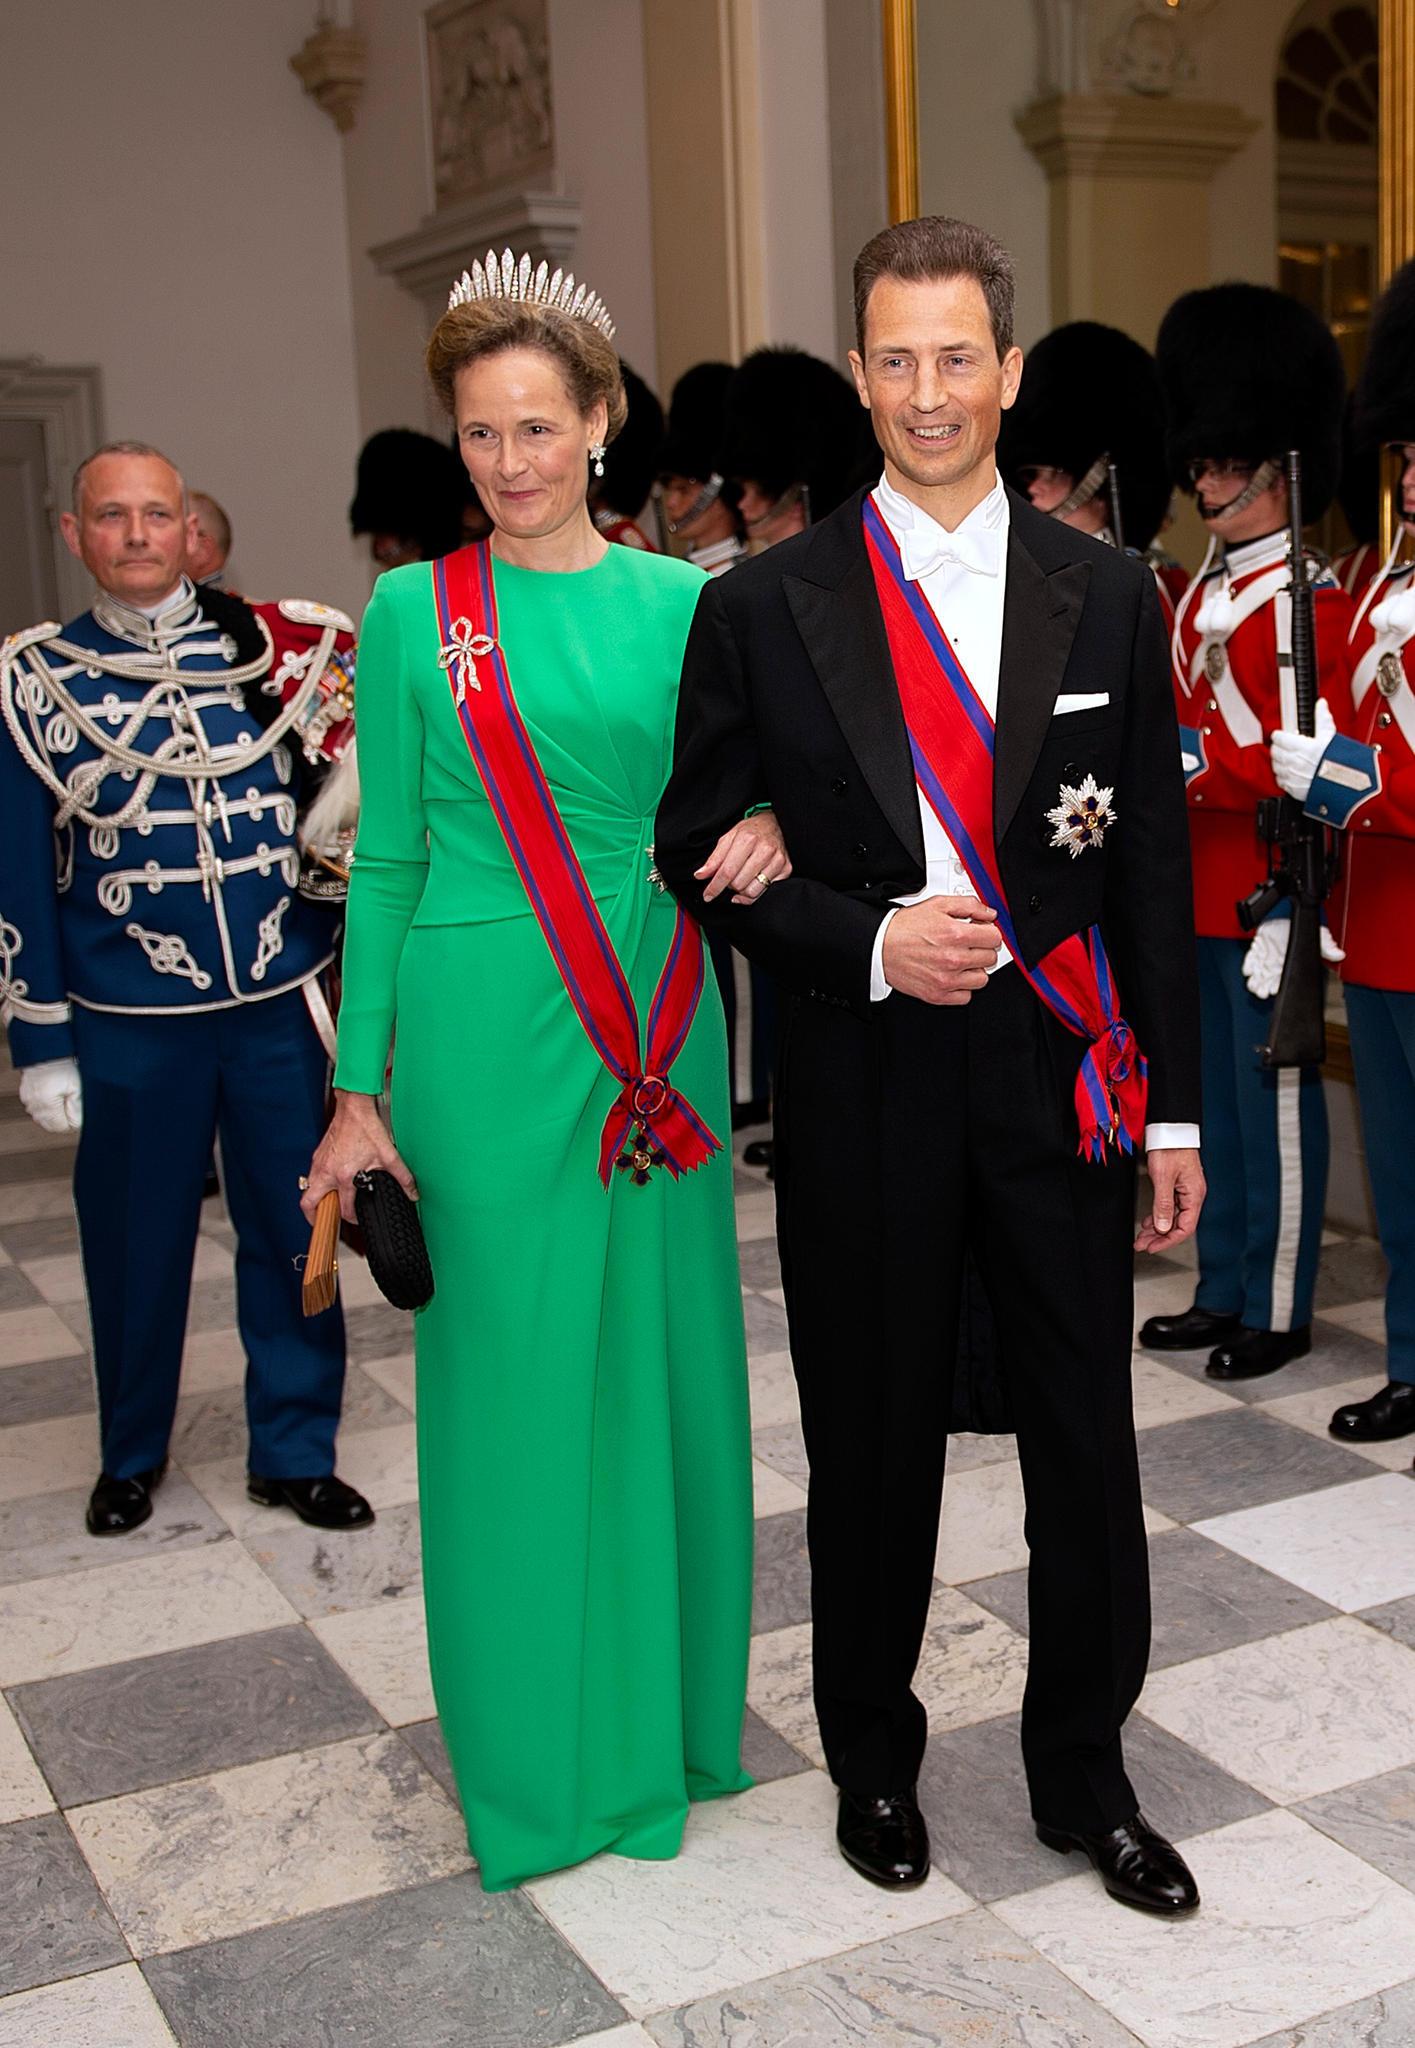 Erbprinzessin Sophie, Erbprinz Alois von und zu Liechtenstein